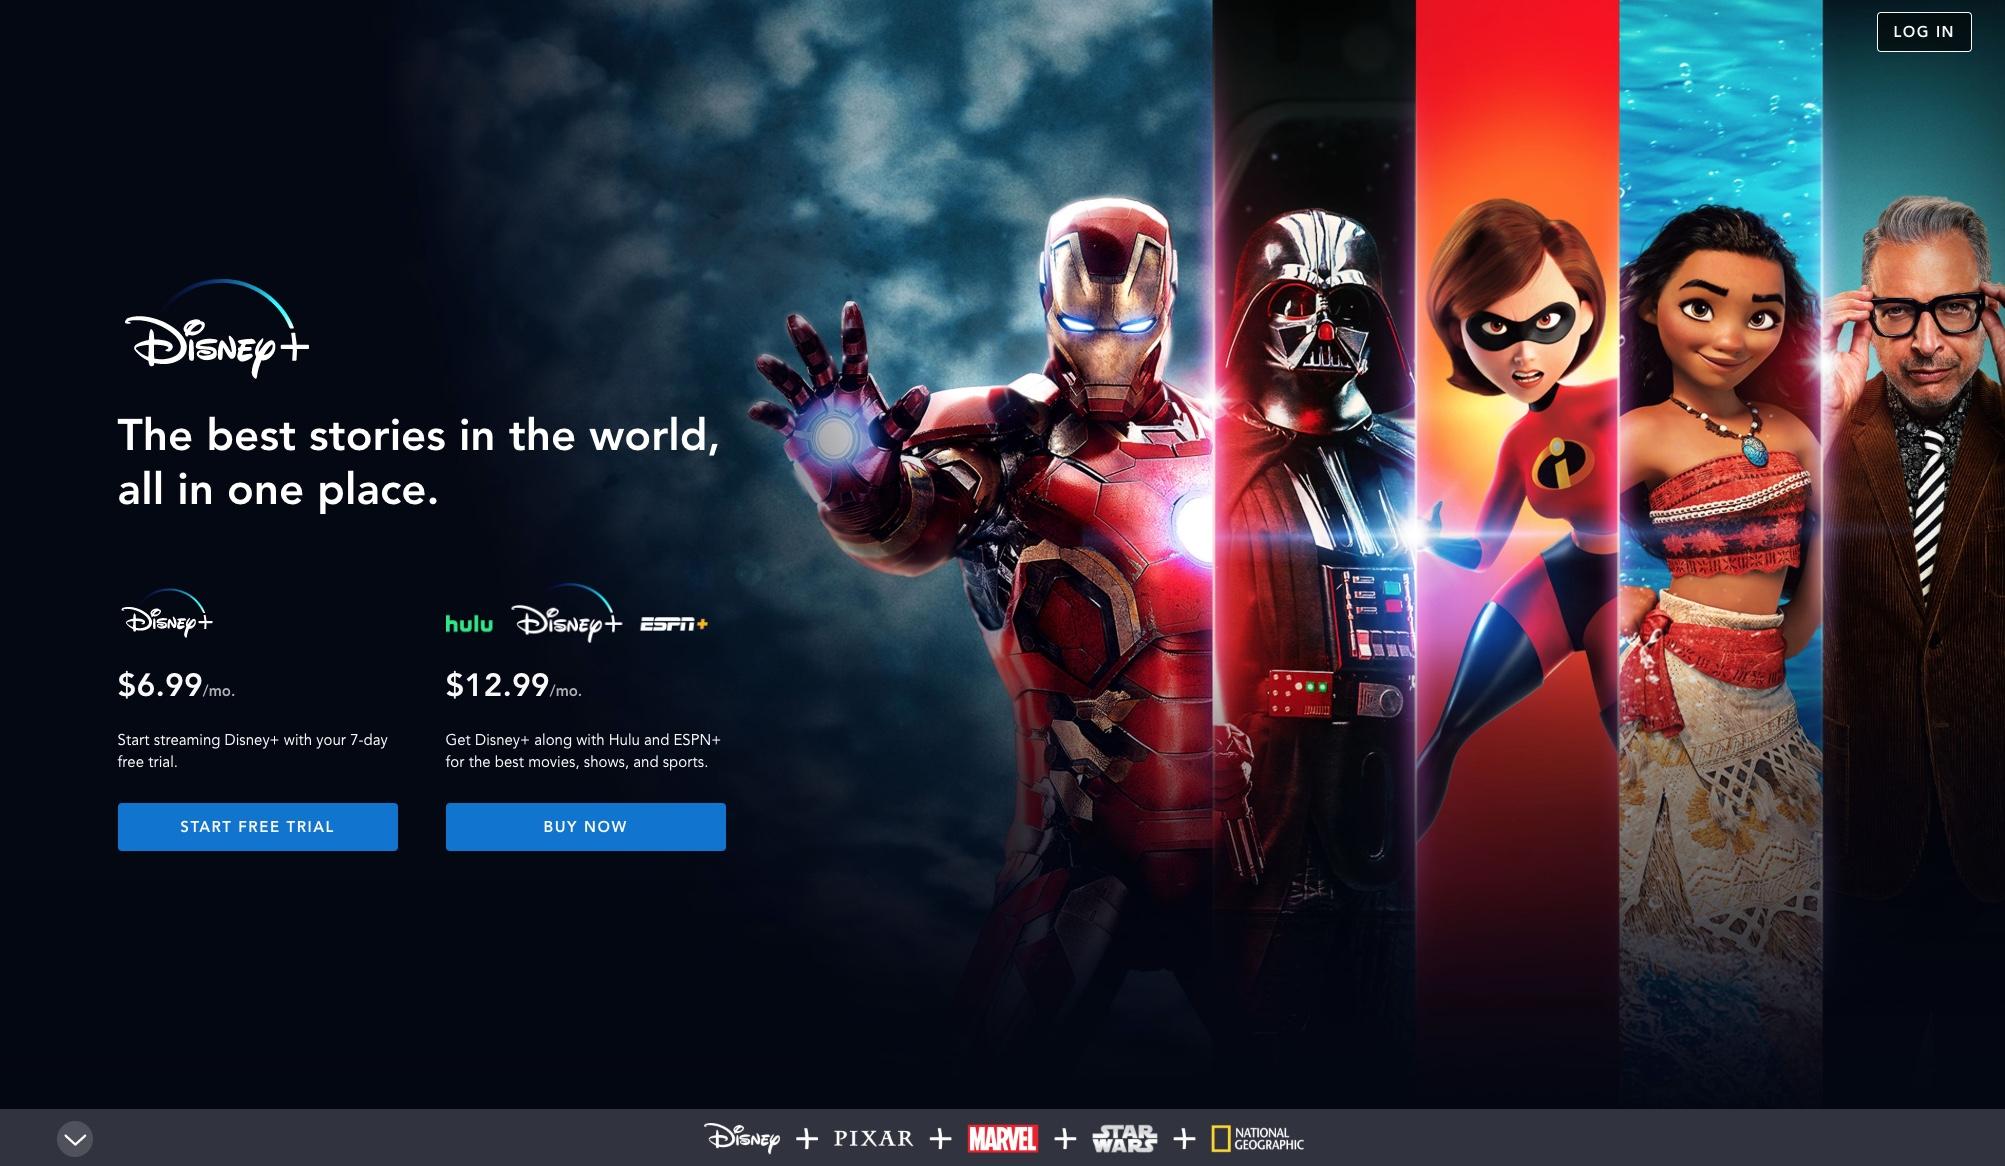 Disney+ è disponibile in preordine con un'offerta a tempo limitato